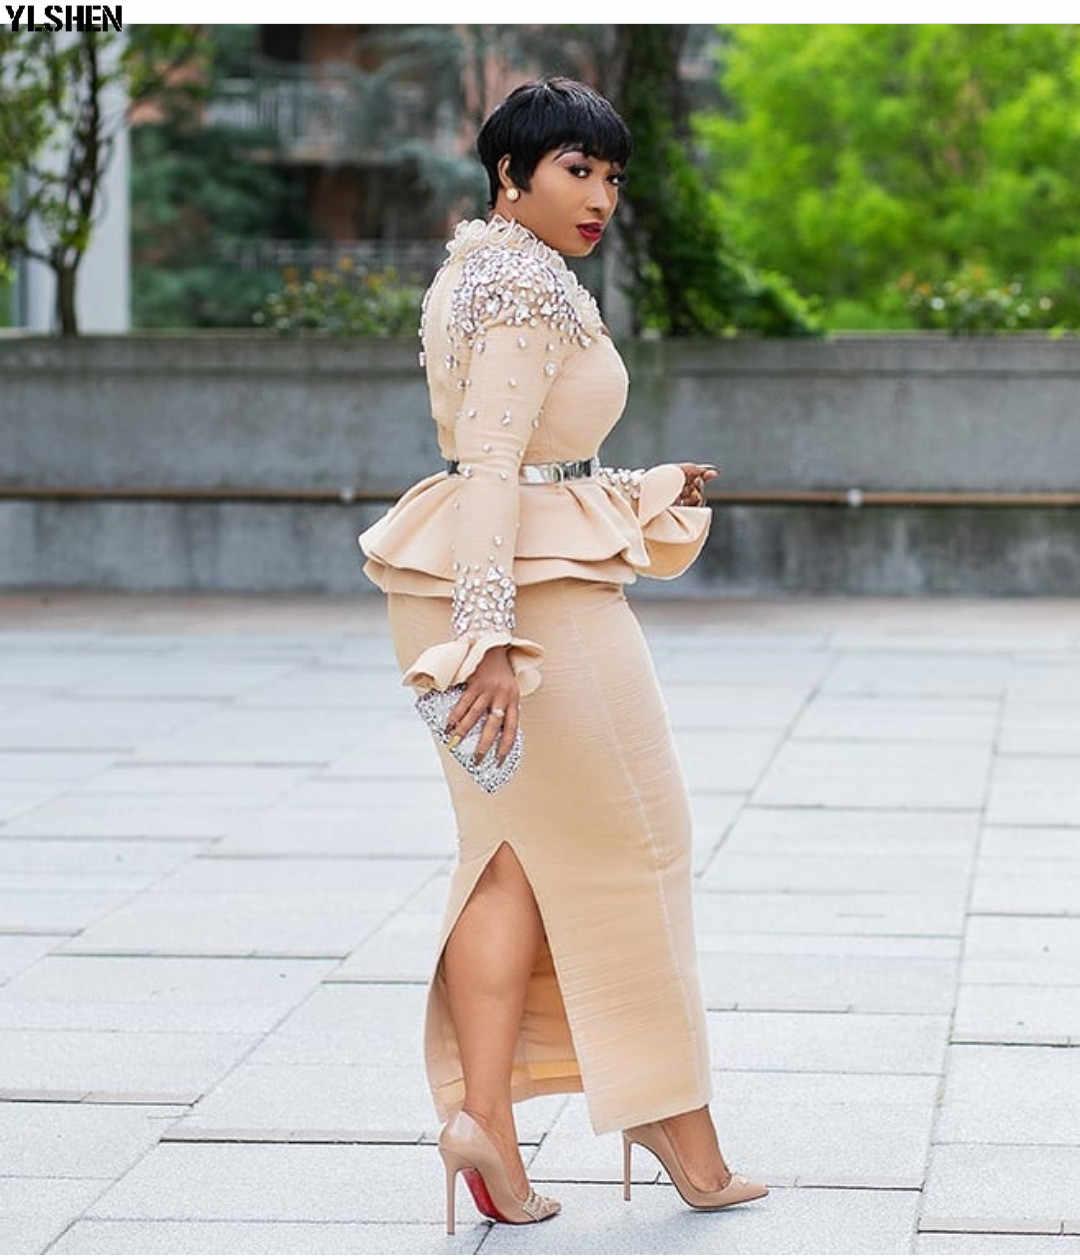 Länge 150cm Afrikanische Kleider für Frauen Dashiki Nagel Bead Afrikanischen Kleidung Raum Schicht Afrikanischen Kleid Rock Langarm Afrika kleid